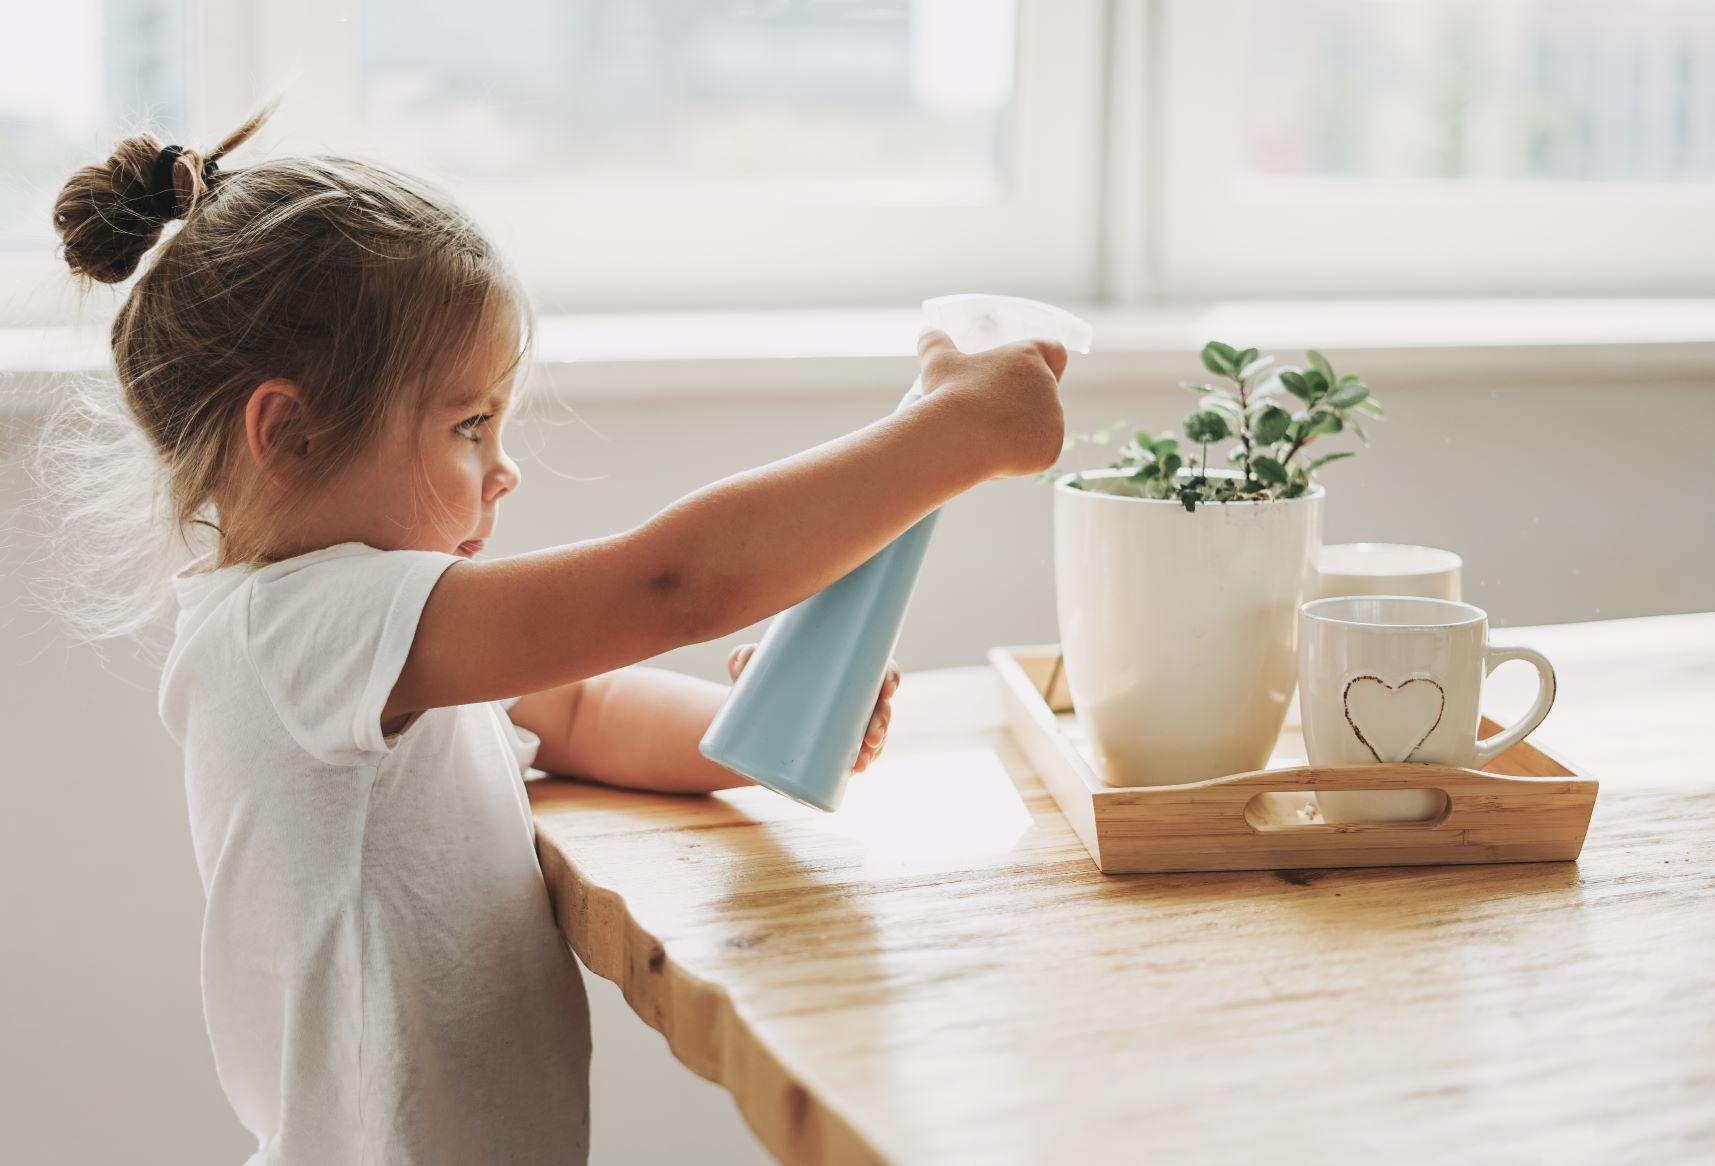 niña regando planta